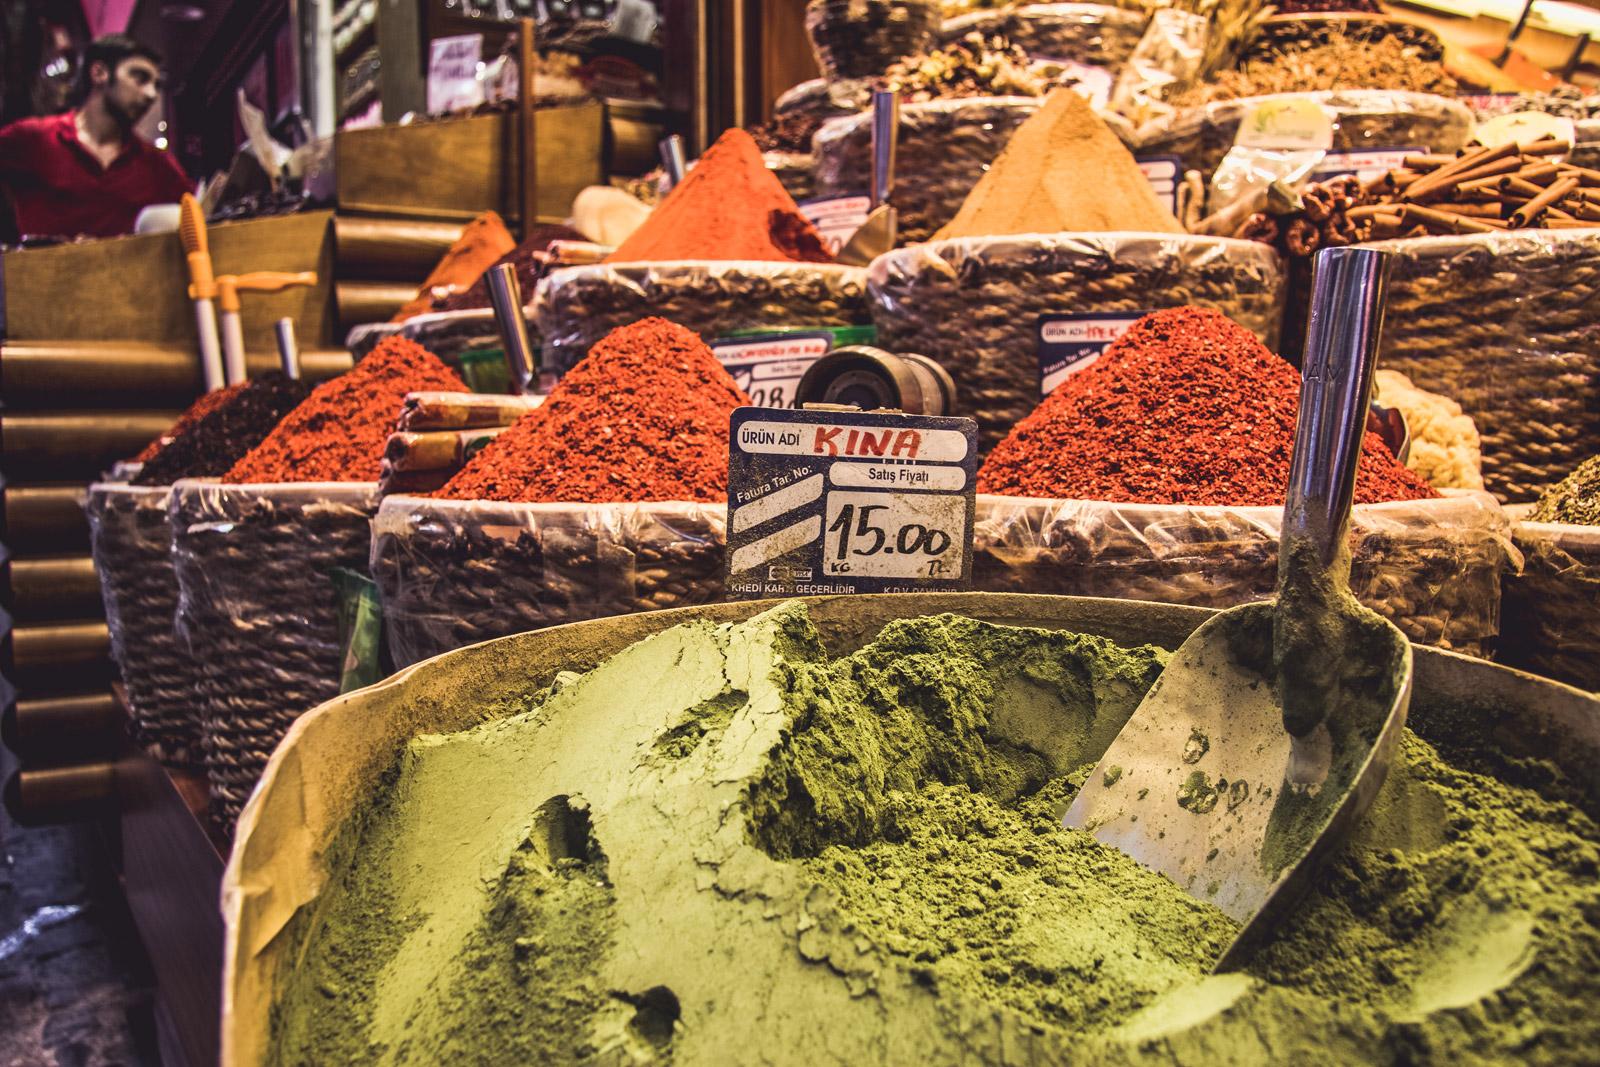 Si aún no lo has probado, anímate con estos sabores nuevos que, además de estar riquísimos, nos ayudan a mejorar nuestra salud © Las Recreativas